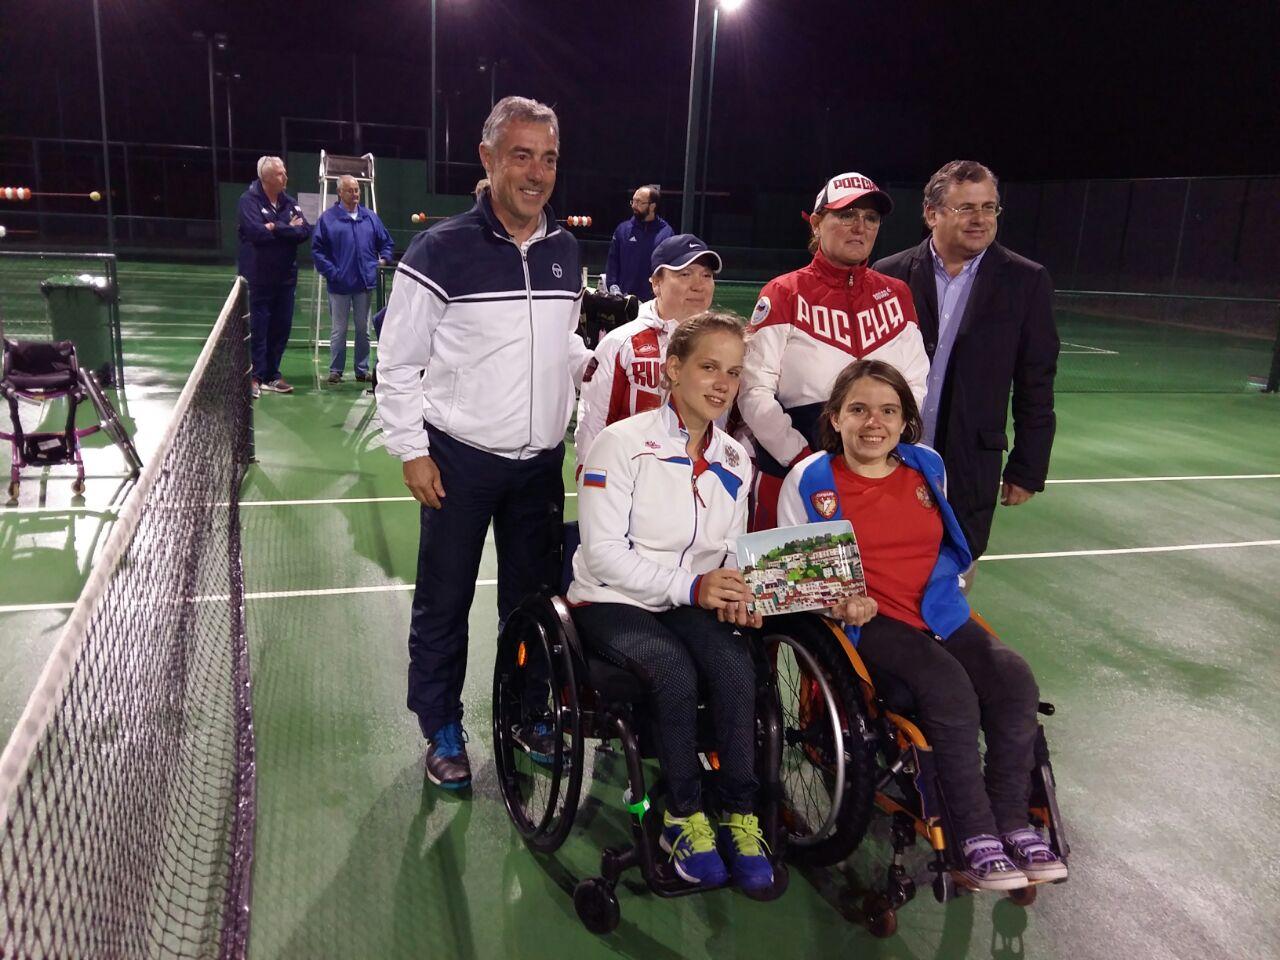 Женская cборная команда России по теннису на колясках завоевала серебряные медали на командном чемпионате Европы в Португалии